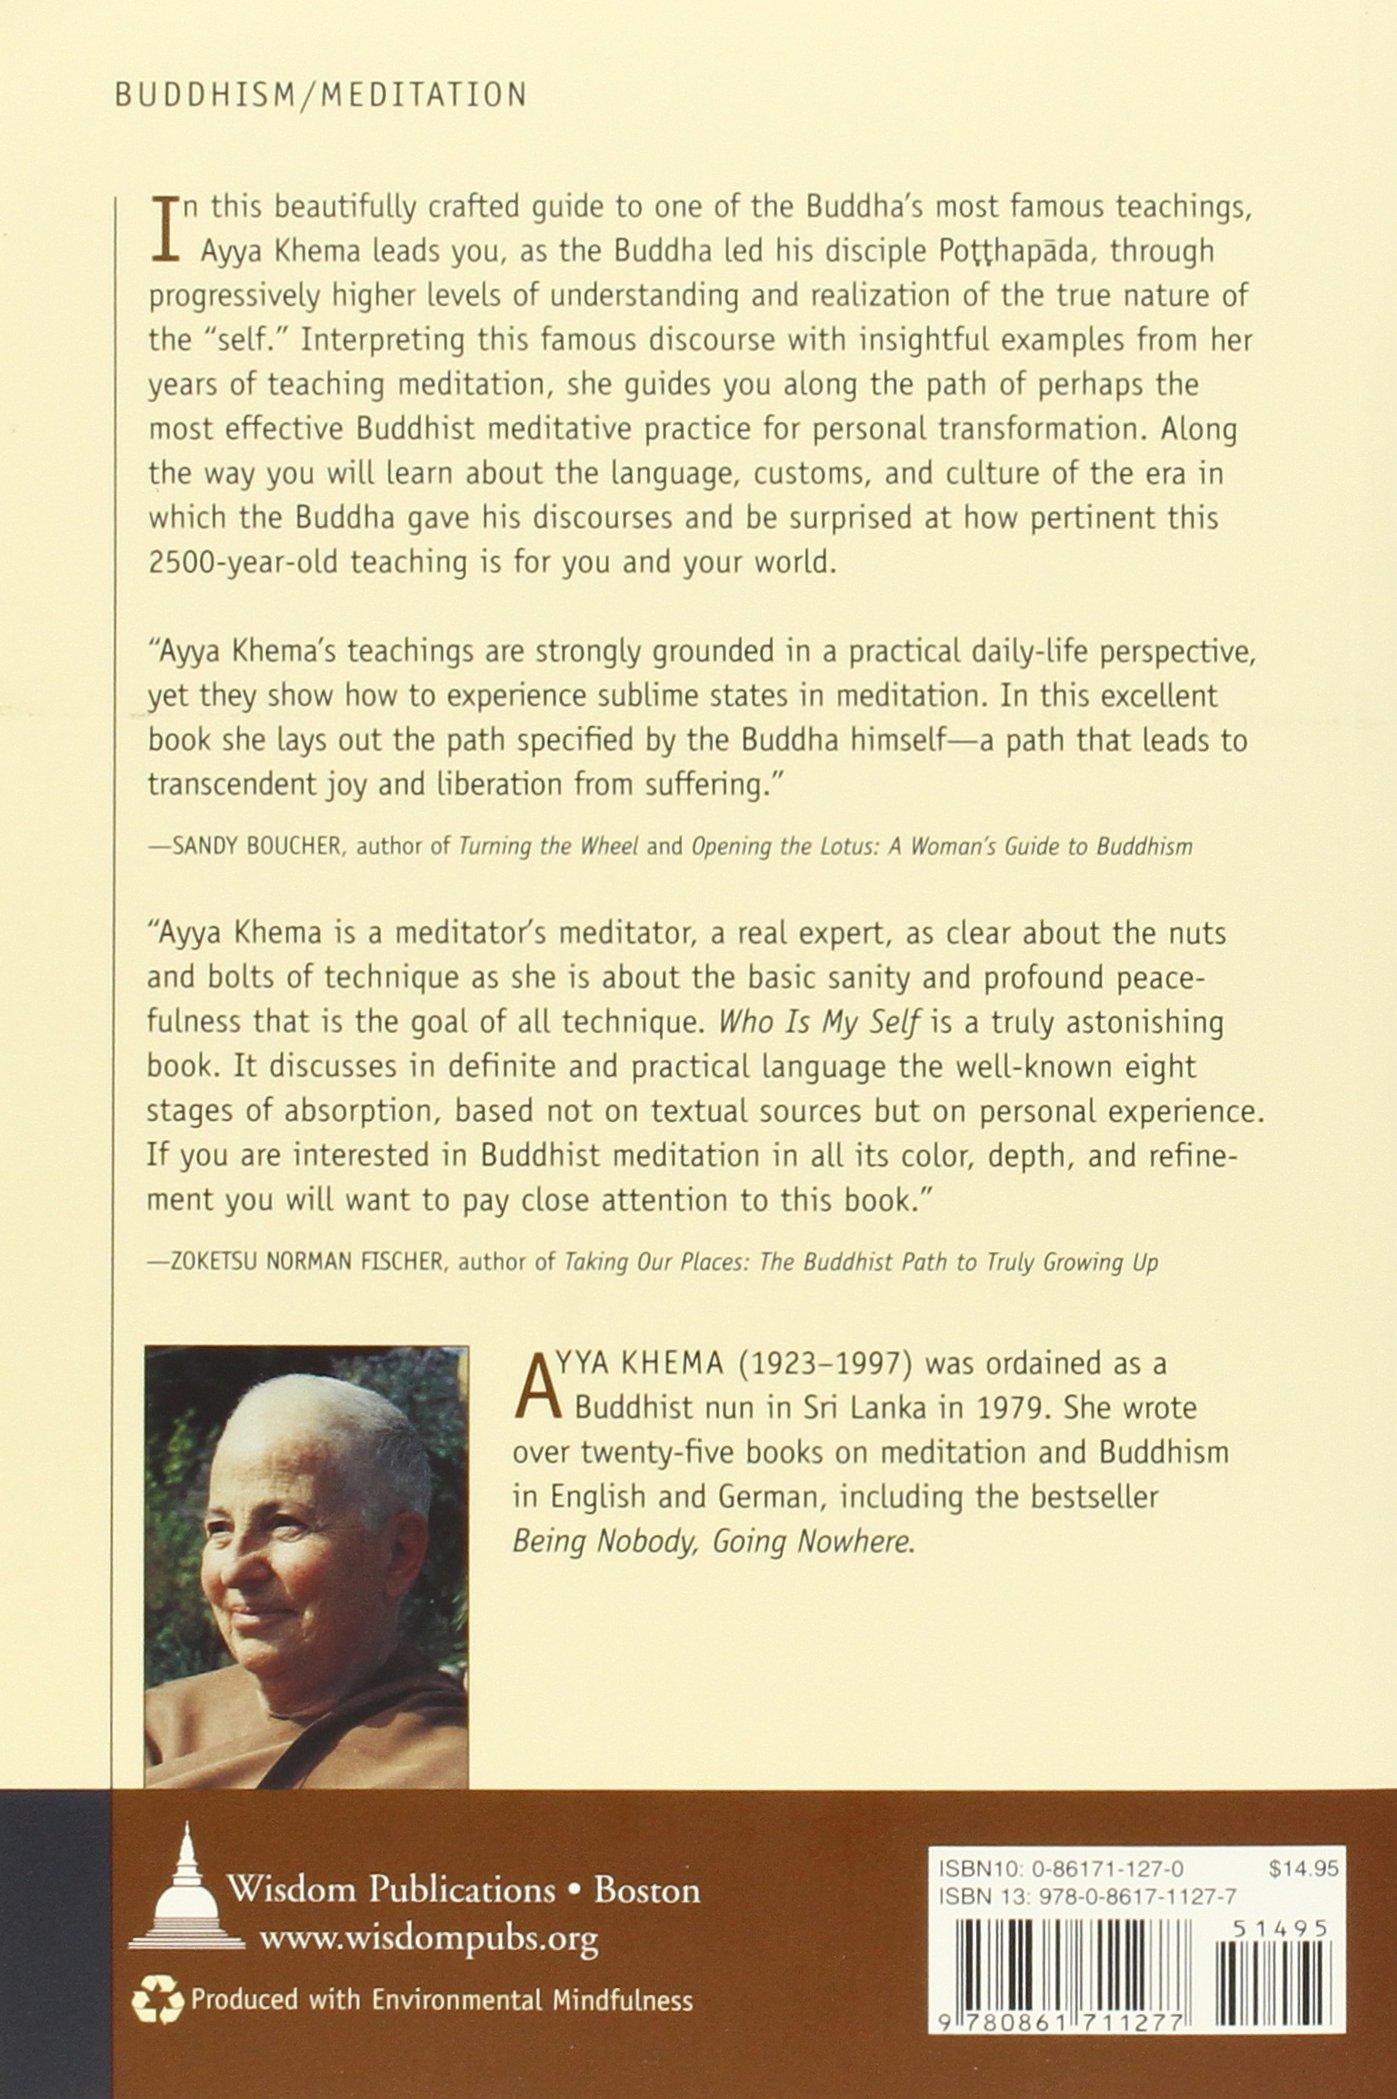 A Guide To Buddhist Meditation (9780861711277): Ayya Khema: Books